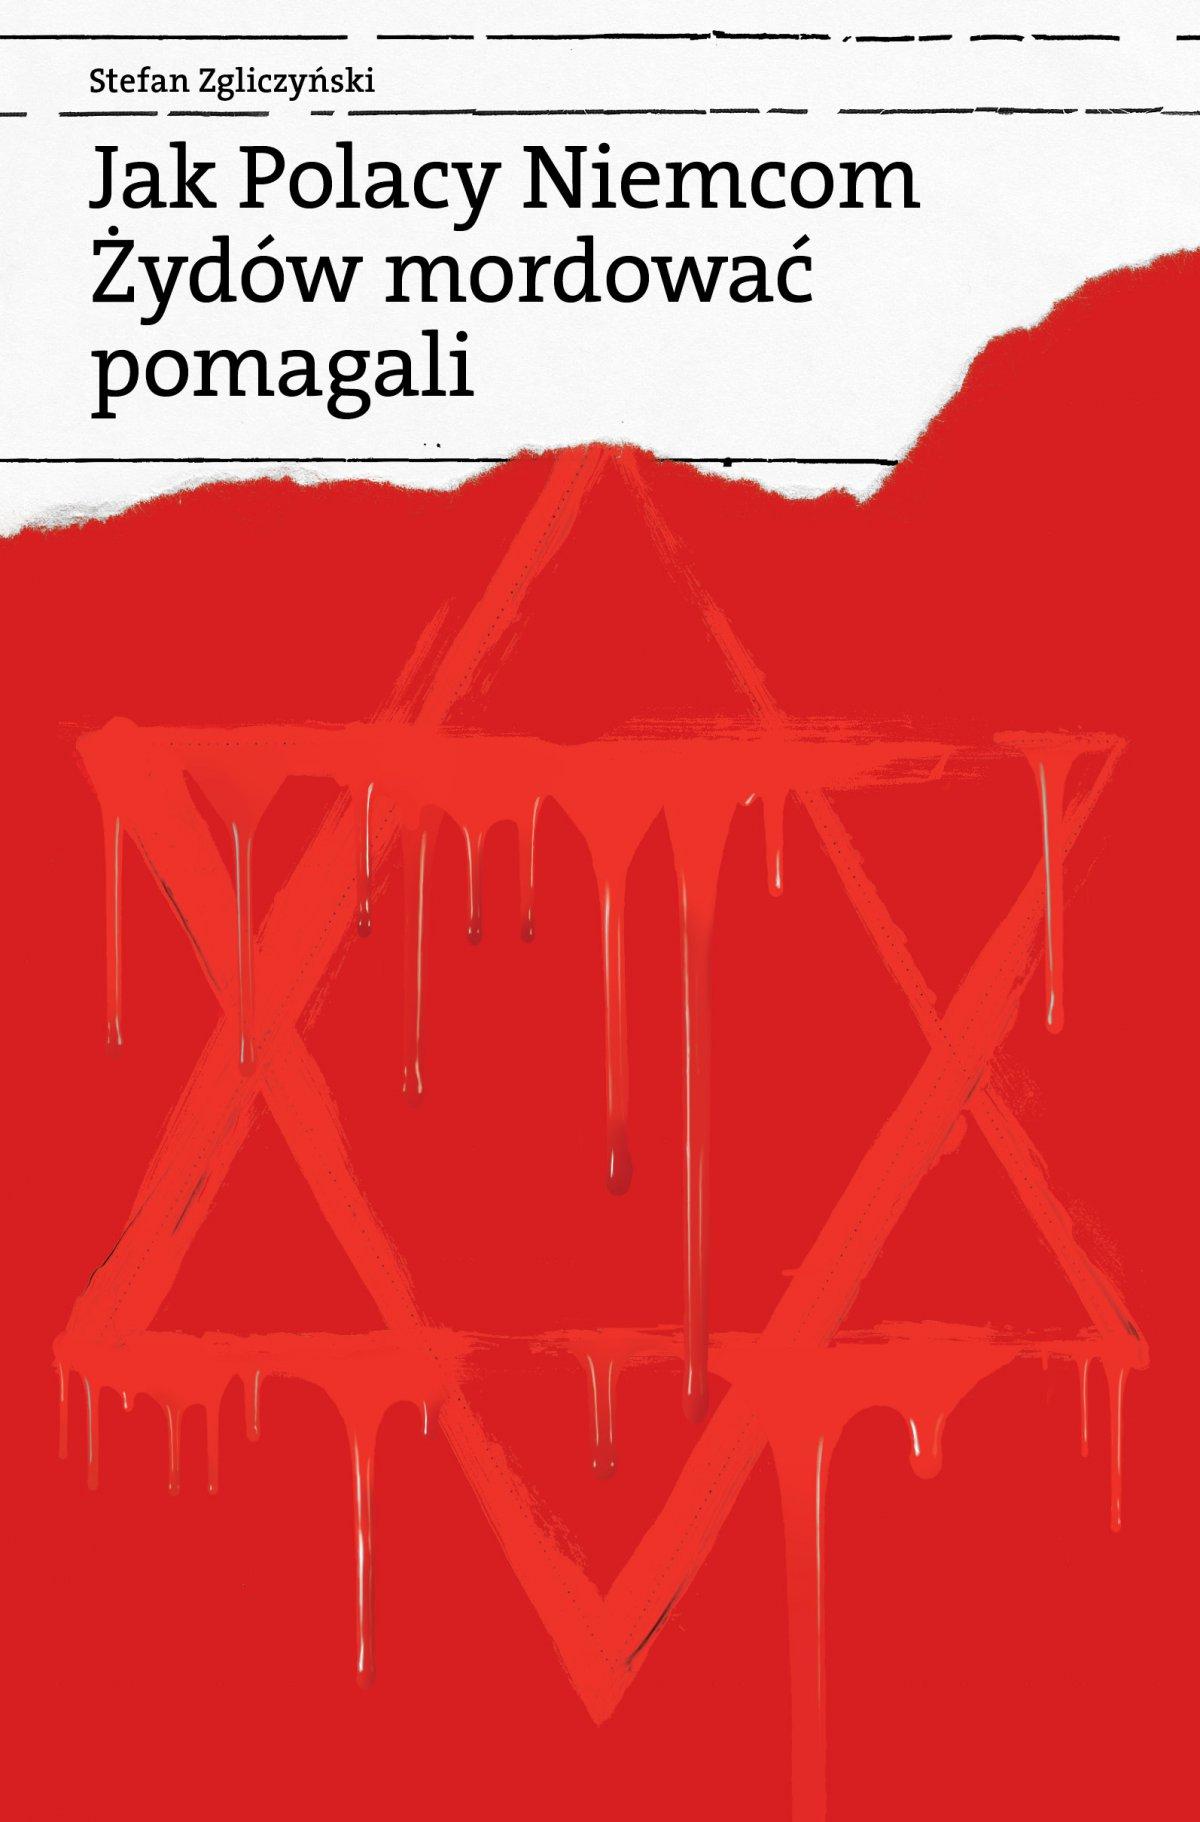 Jak Polacy Niemcom Żydów mordować pomagali - Ebook (Książka EPUB) do pobrania w formacie EPUB